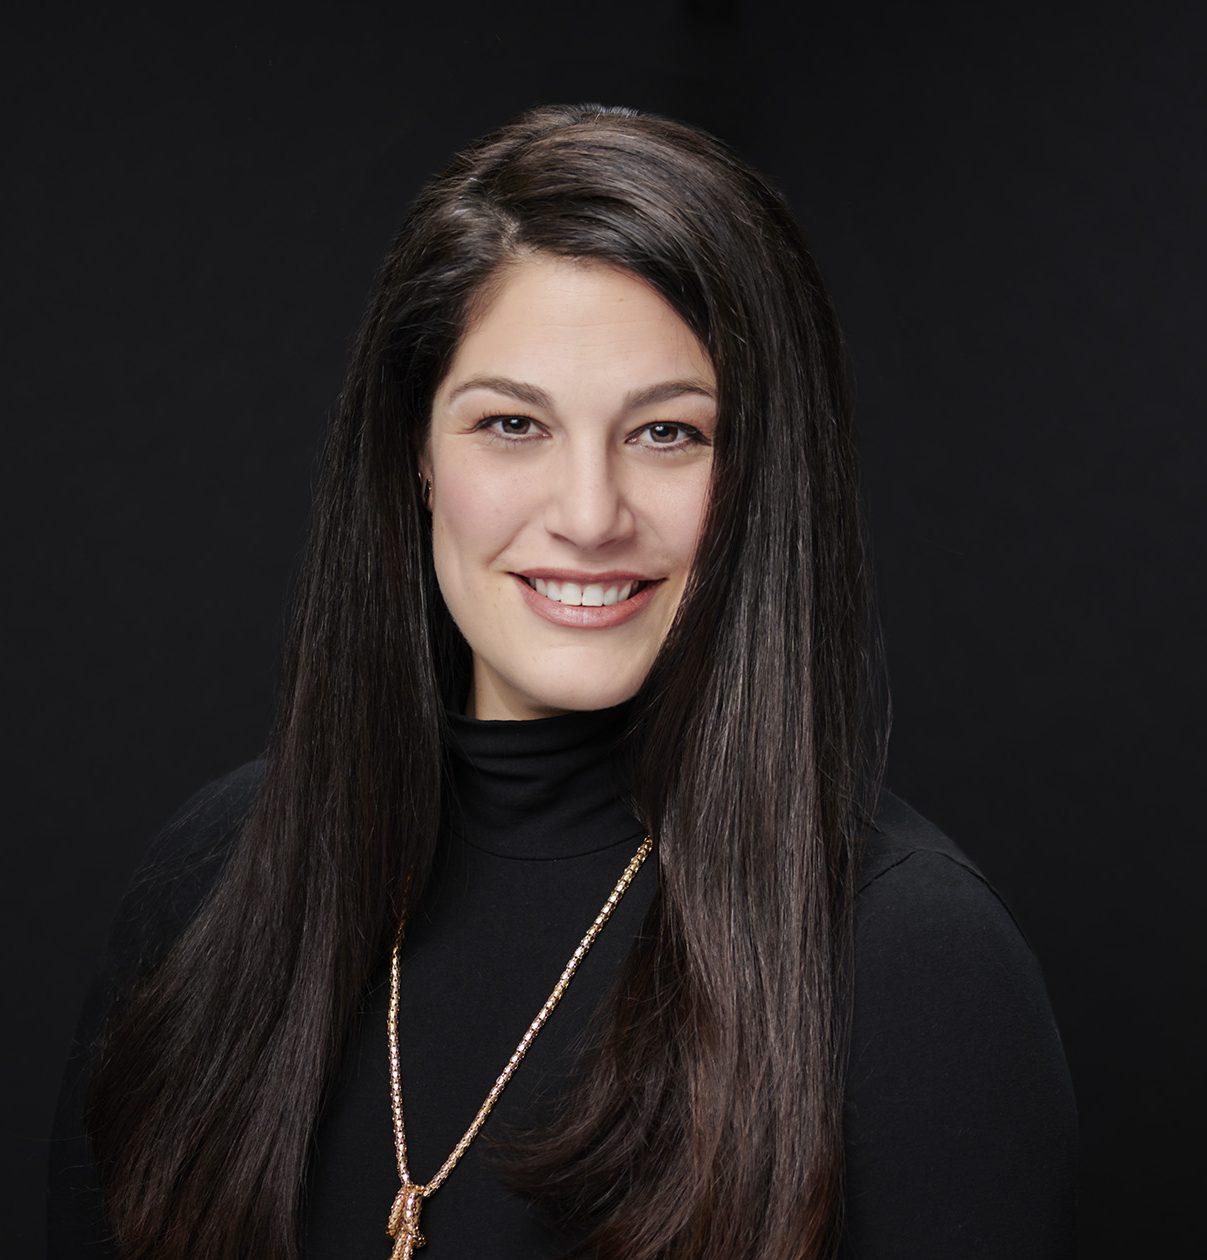 Jessica Greenberg